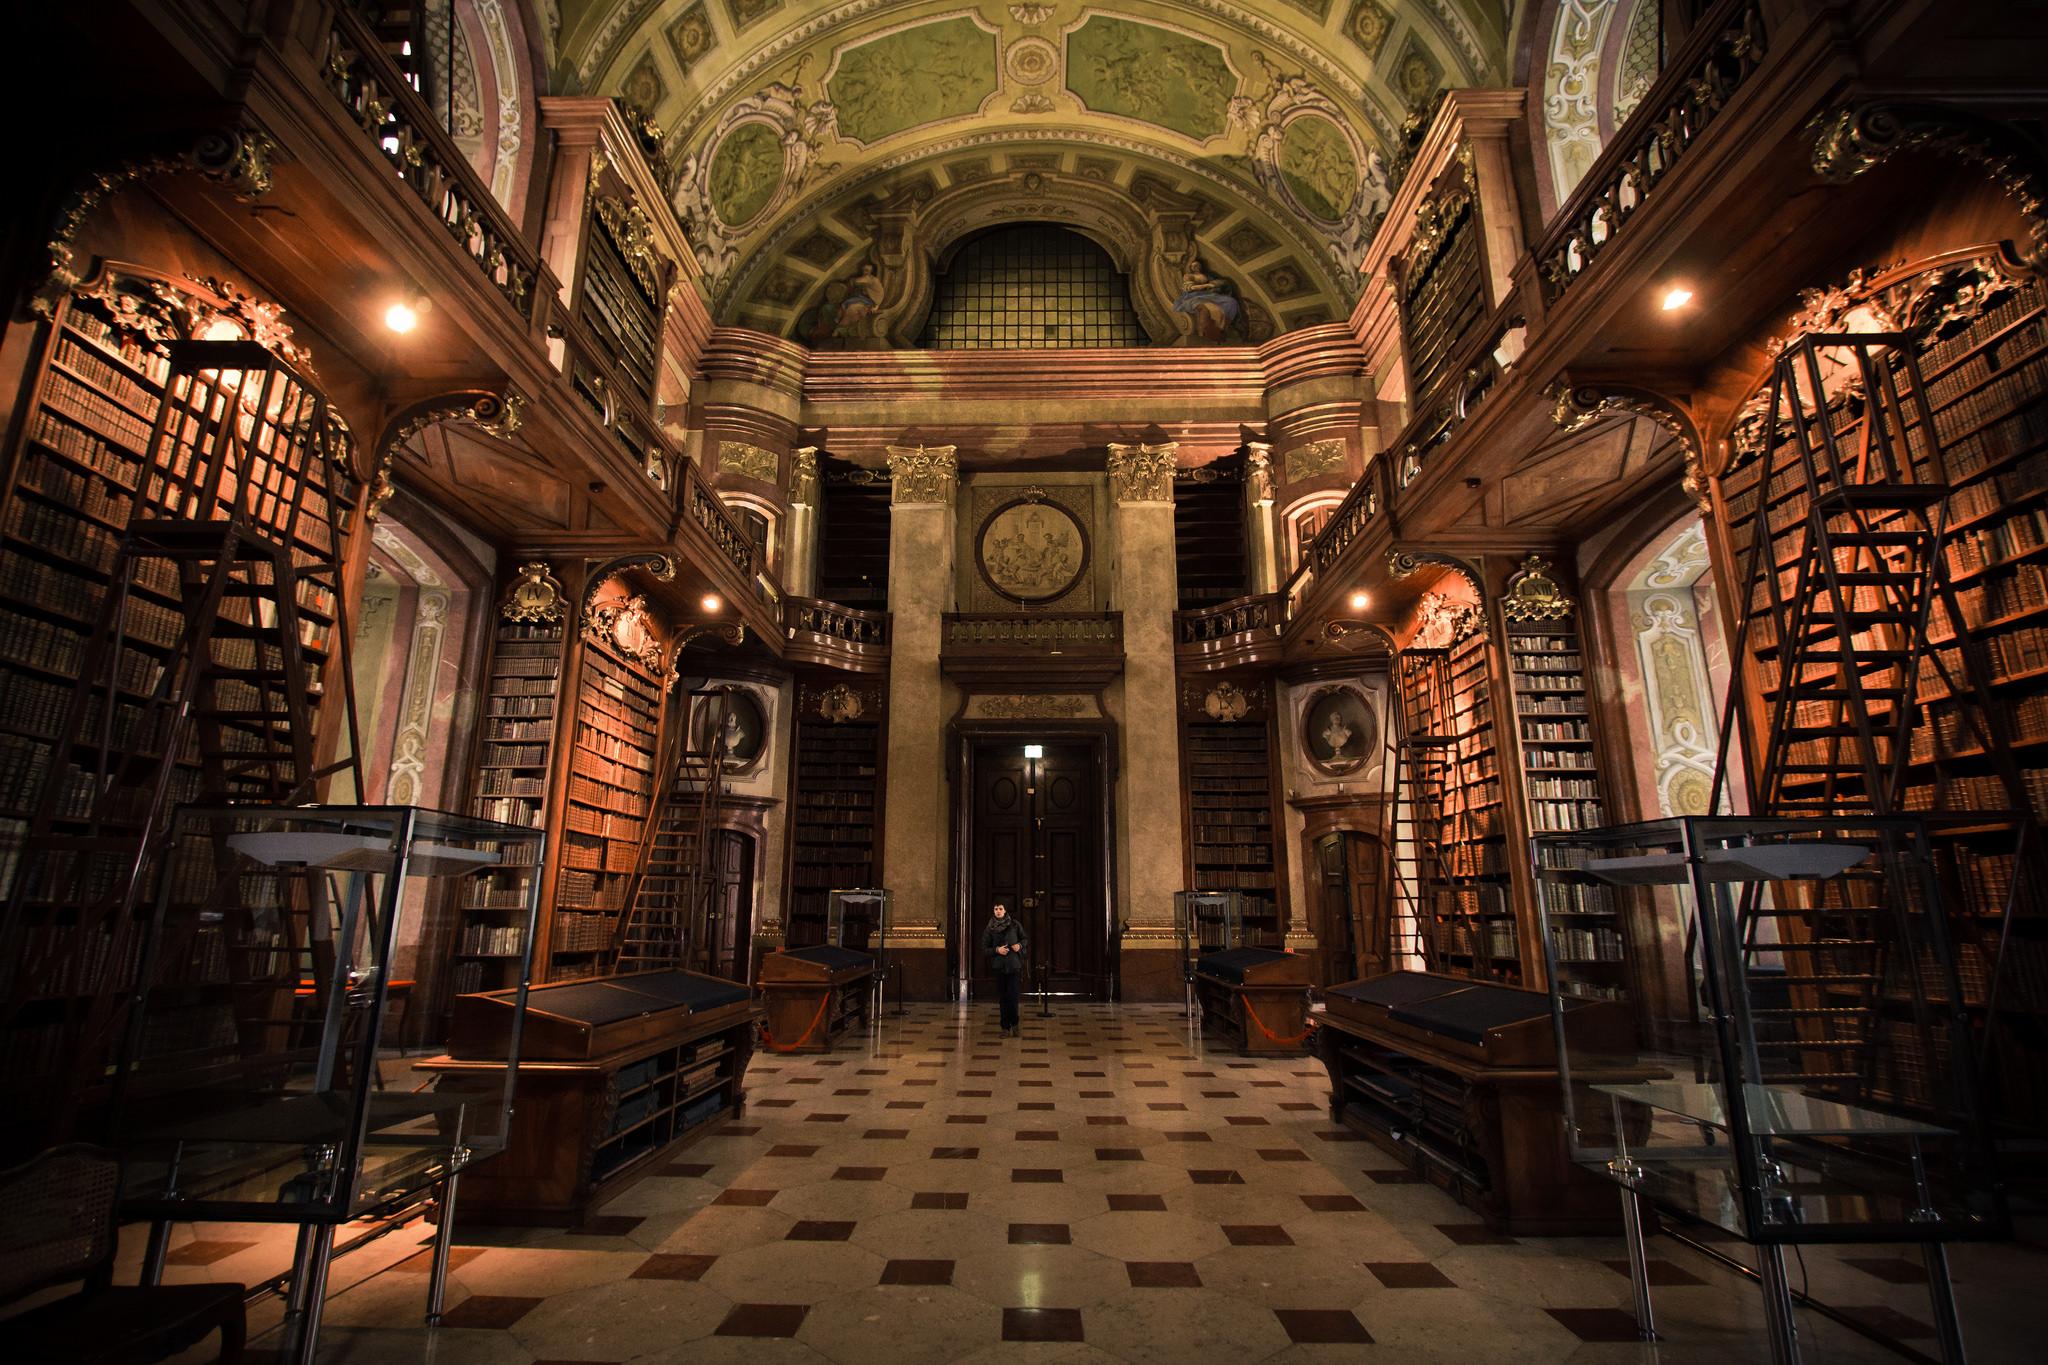 Biblioteca Nacional de Austria   @hernanpc en Flickr (cc)